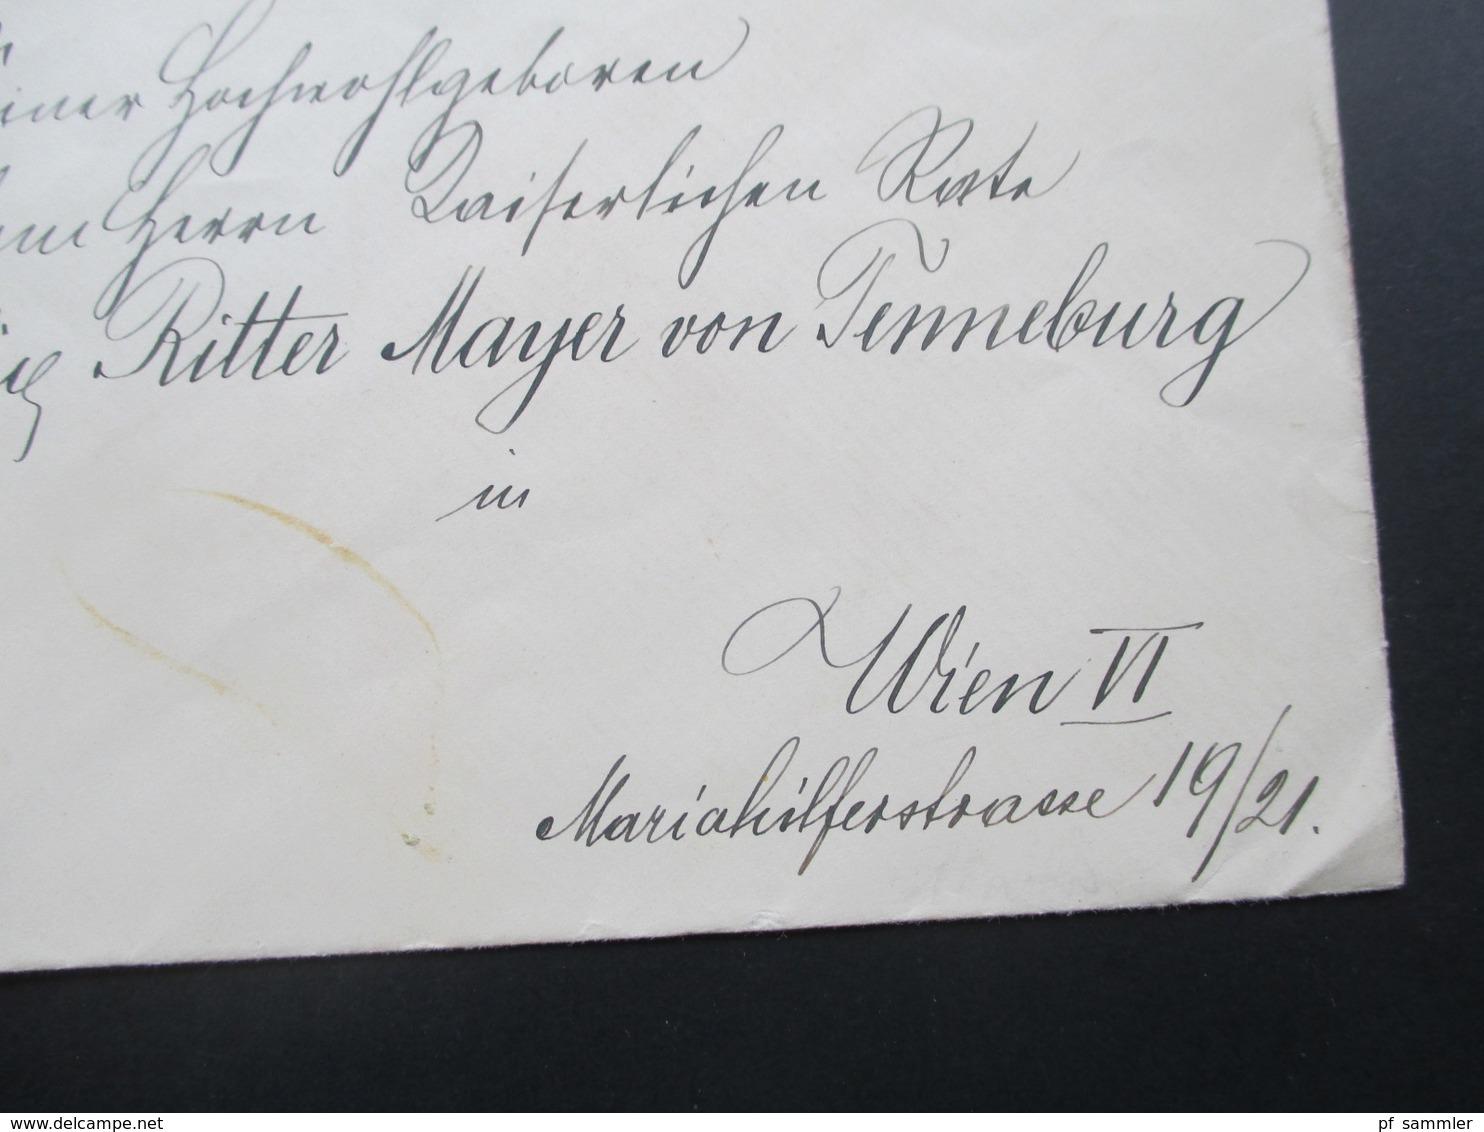 Österreich 1917 Erzherzoglich Rainer'sches Sekretariat An: Felix Ritter Mayer Von Tenneburg. Öst. Touring Club - 1850-1918 Imperium